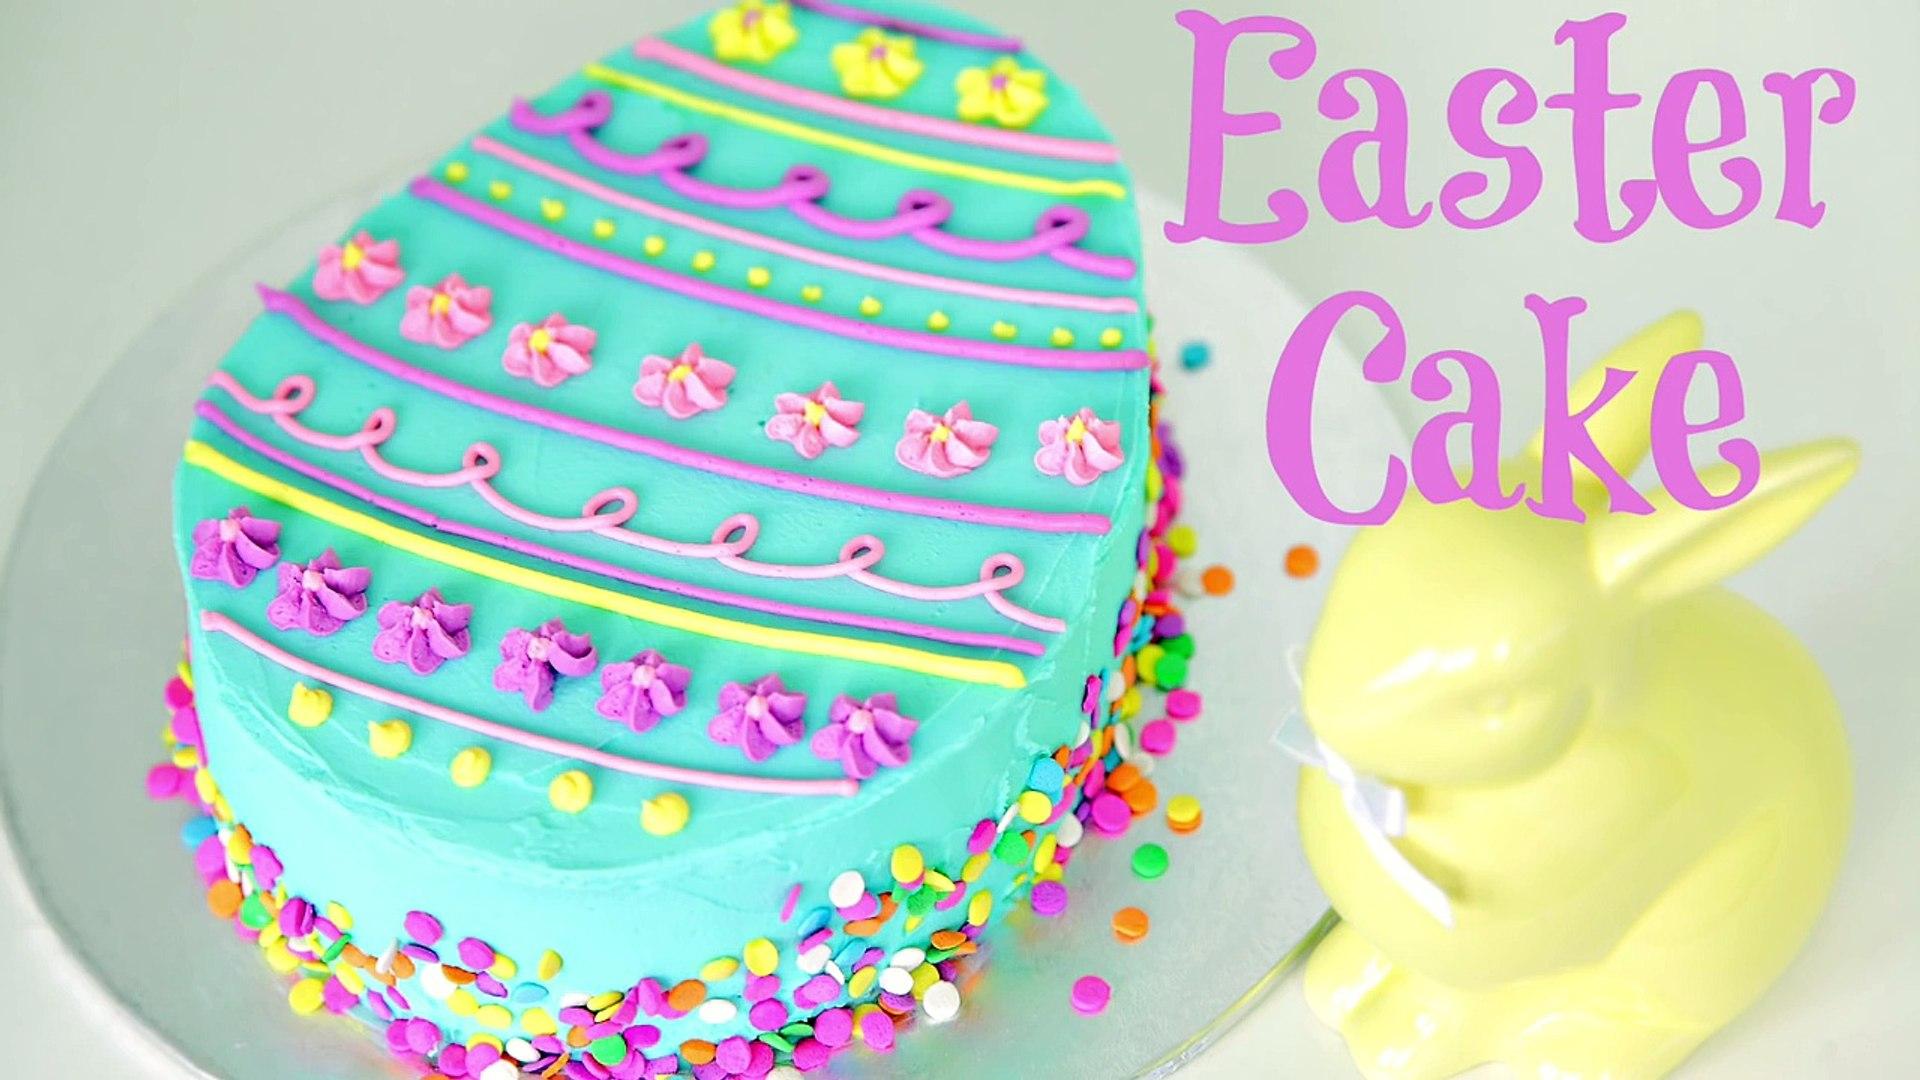 Easter Egg Cake Decorating - CAKE STYLE